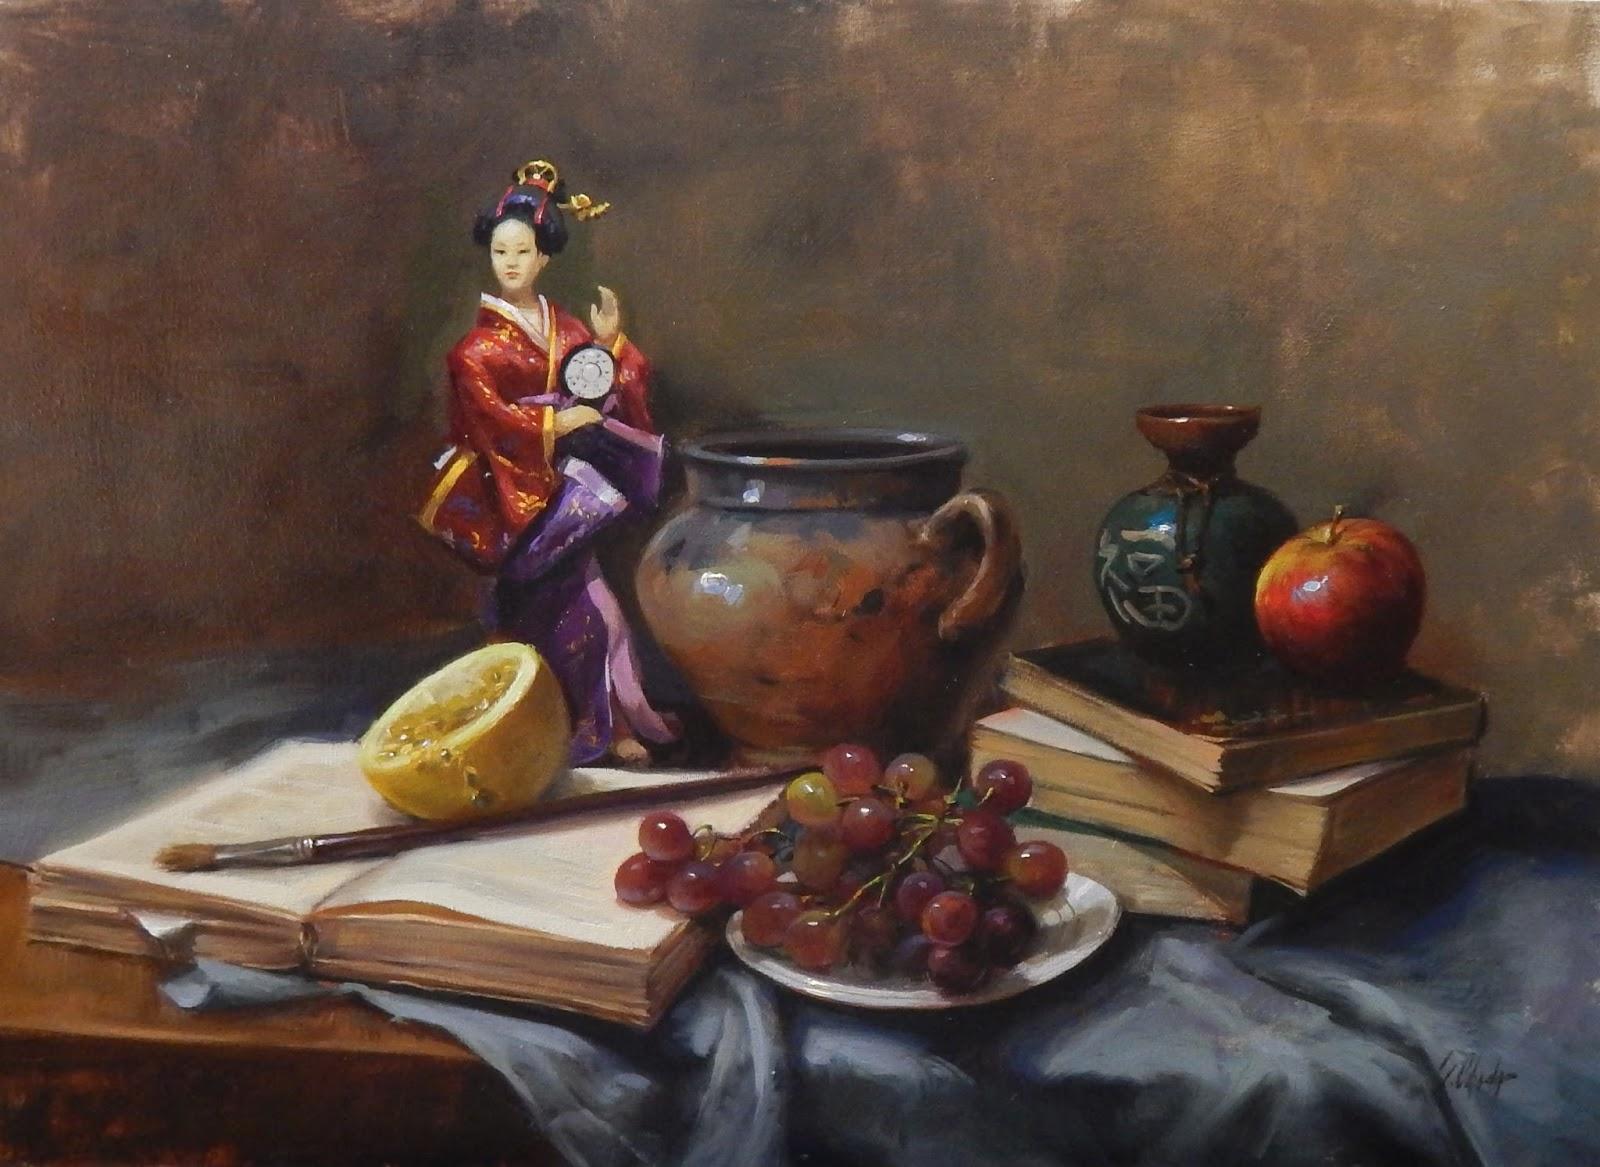 Hoje é dia de feira: frutas e legumes frescos! — Peregrinacultural's Weblog